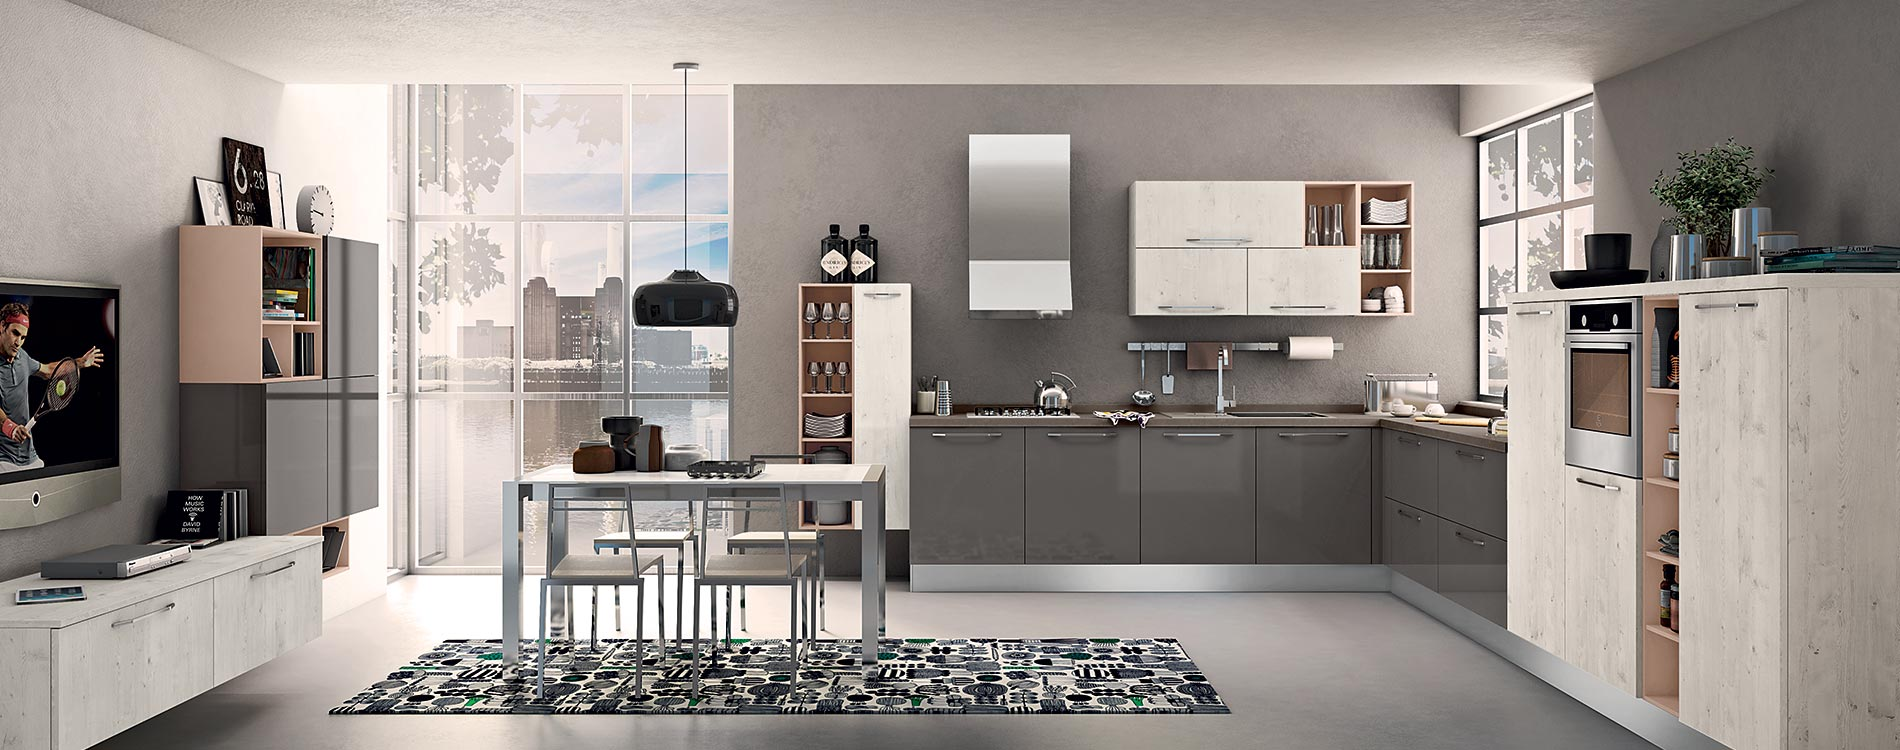 Mobilificio europa cucine lube stosa - Arredamenti moderni cucine ...